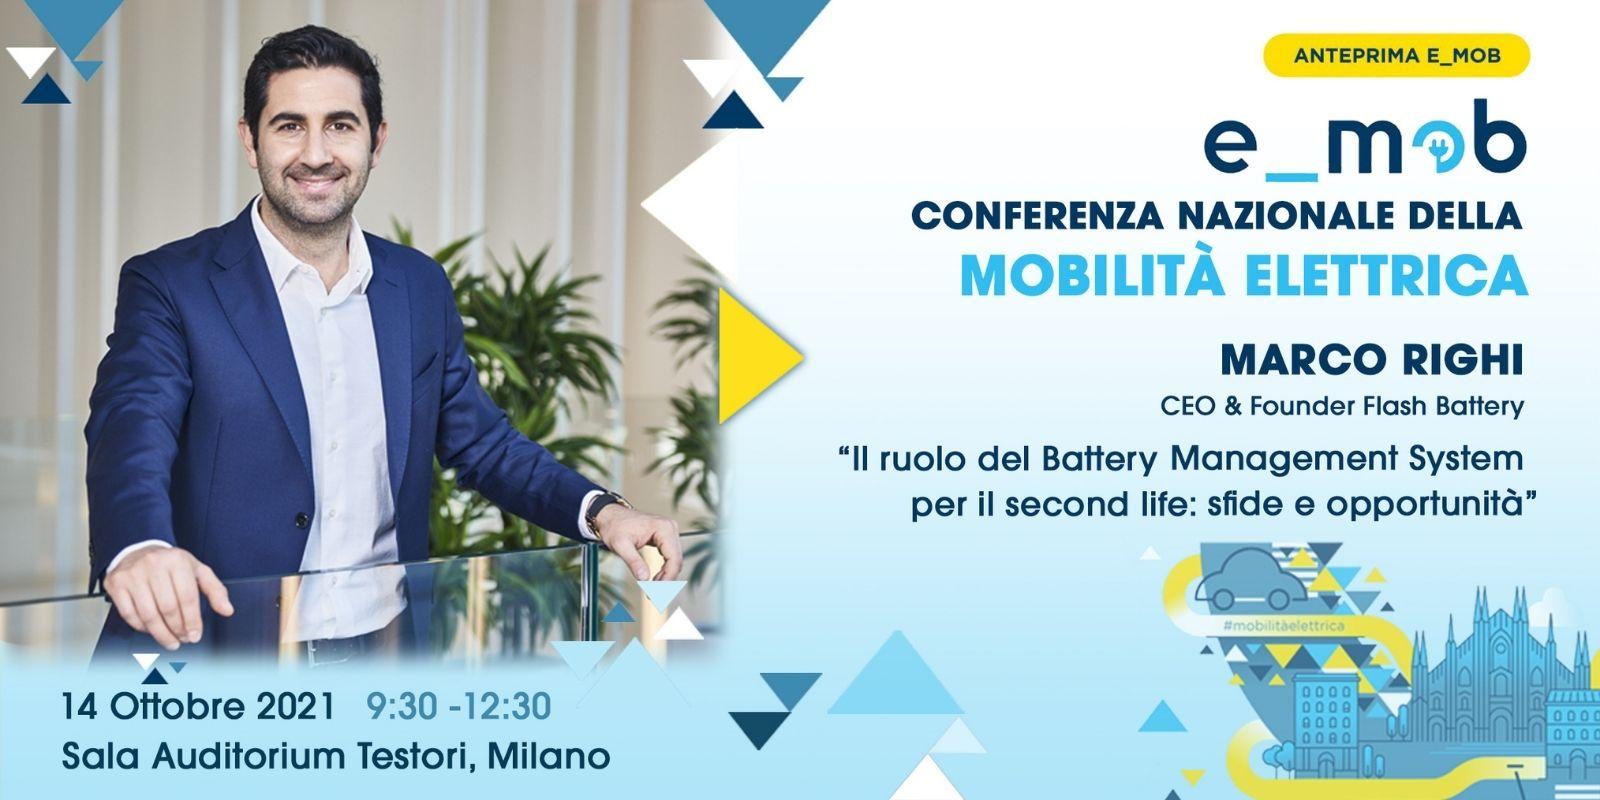 conferenza emob second life marco righi